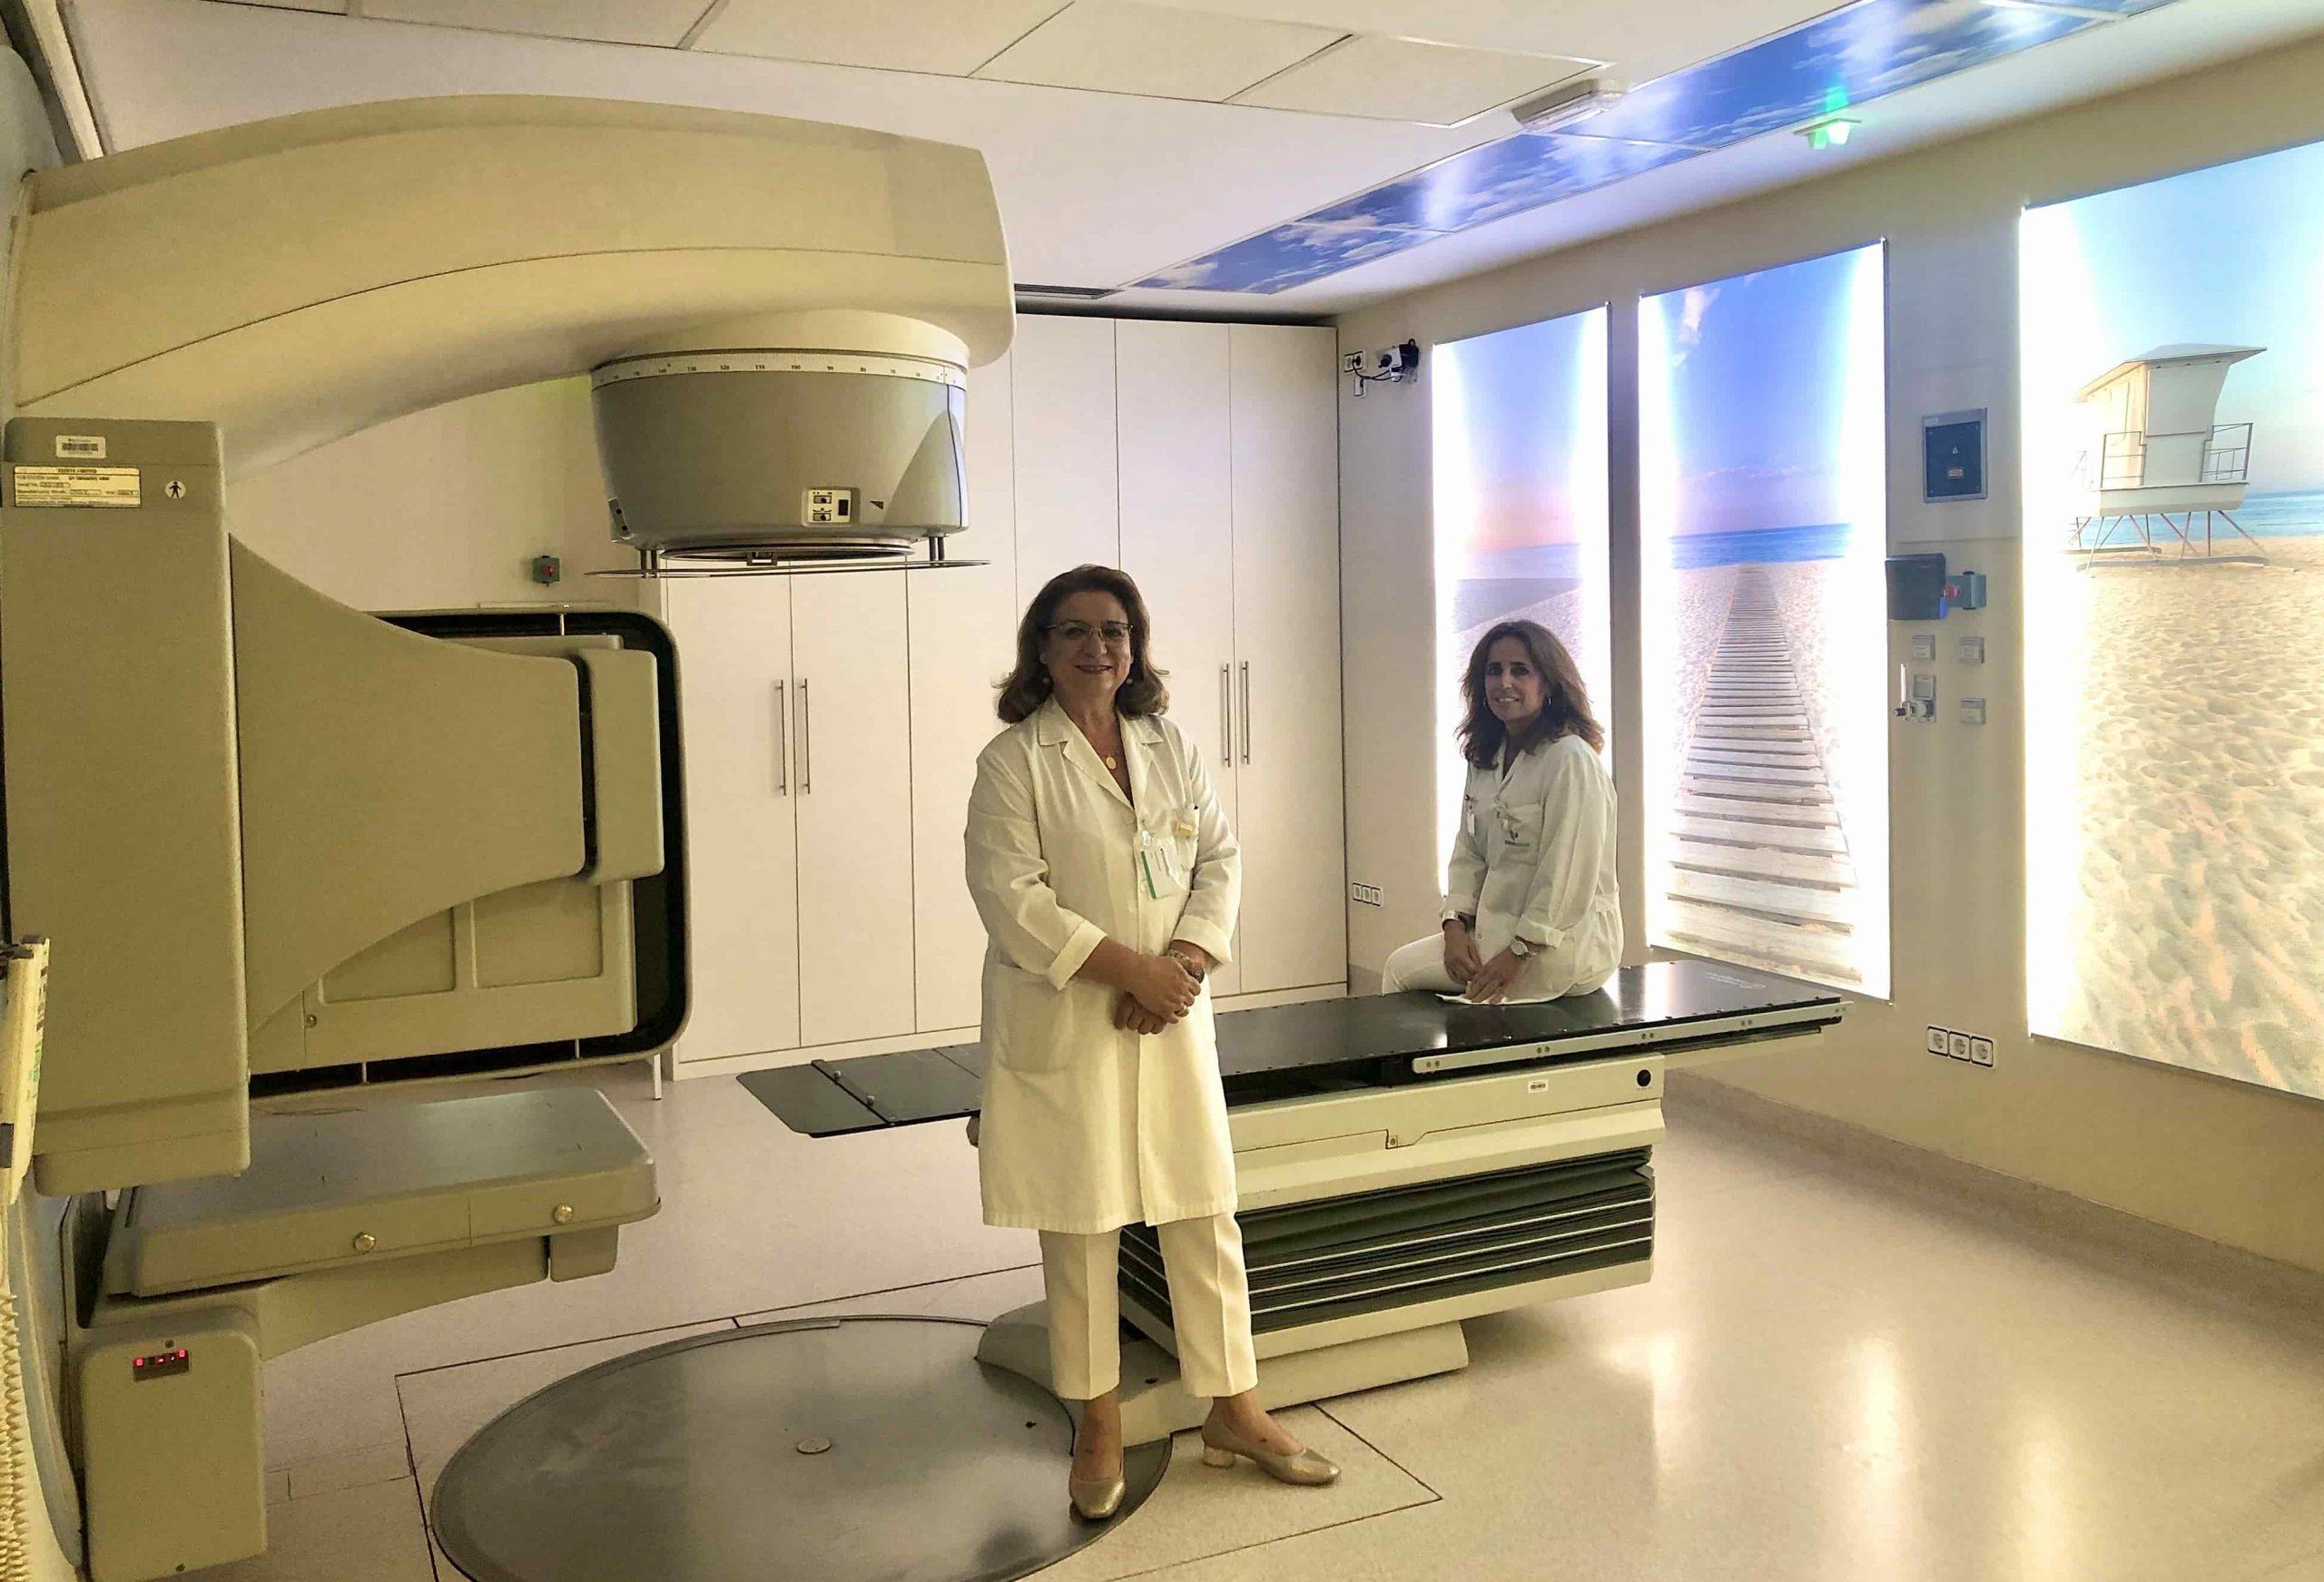 Mejorar la calidad de vida de los pacientes con cáncer de próstata reduciendo las sesiones de radioterapia